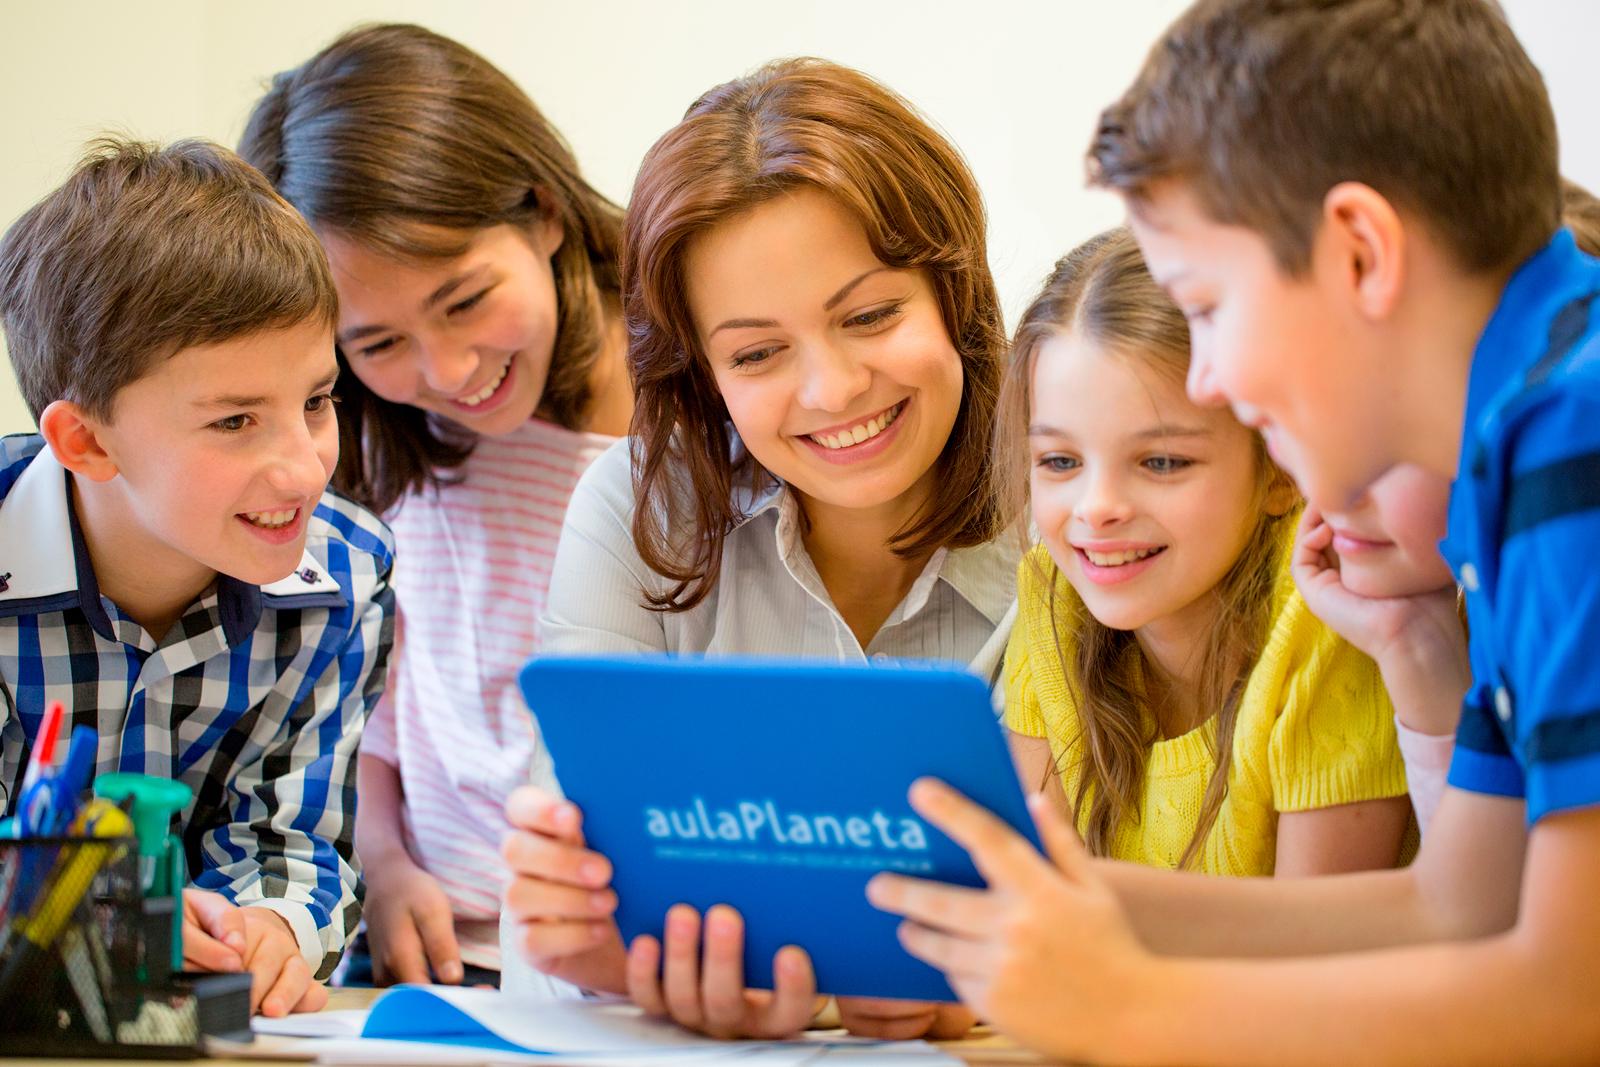 El Grupo Planeta ofrece educación online gratuita a los escolares durante el cierre de los colegios a través de su plataforma aulaPlaneta